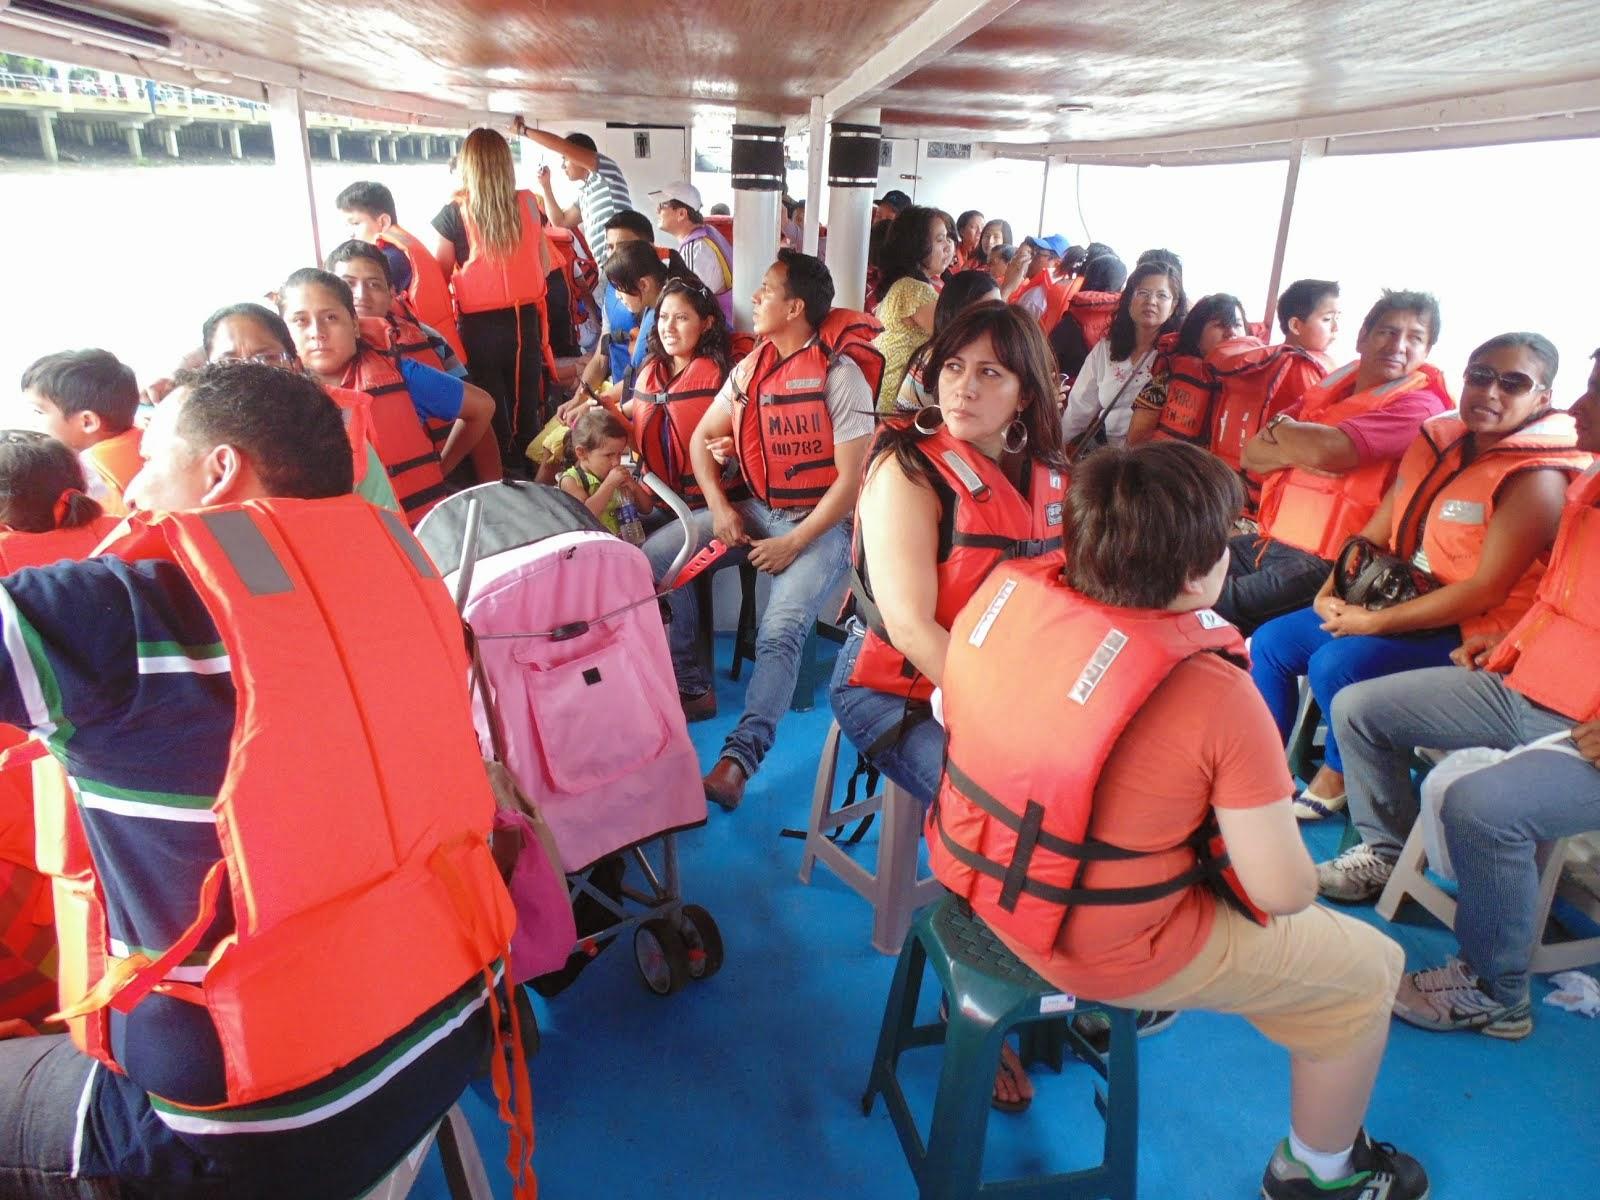 ALEGRIA Y DIVERSION EN NUESTRAS  CHIVAS ACUATICAS